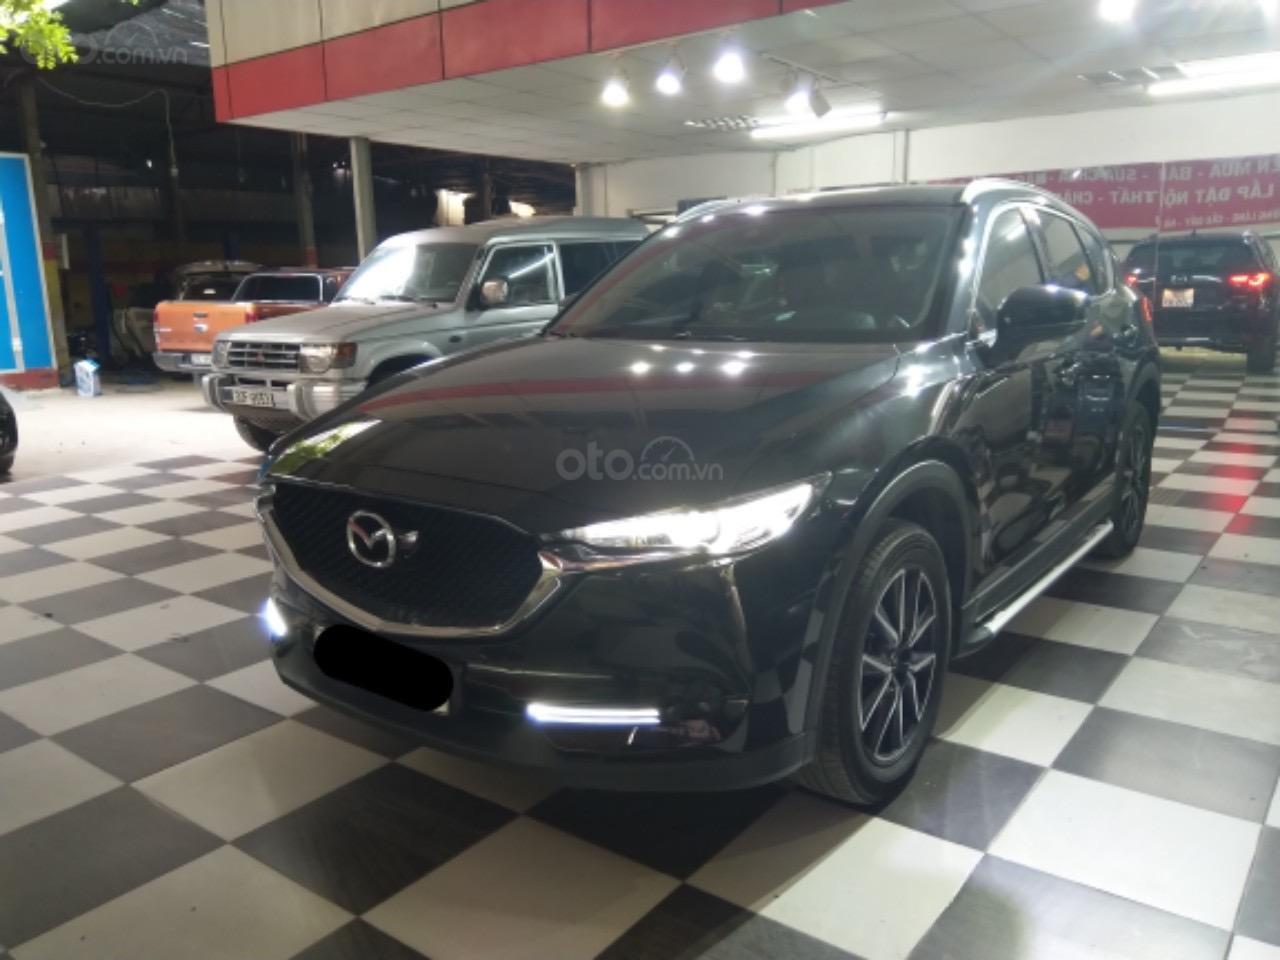 Bán Mazda CX 5 AT 2 WD SX 2018, màu đen, liên hệ: 0974299922 (2)